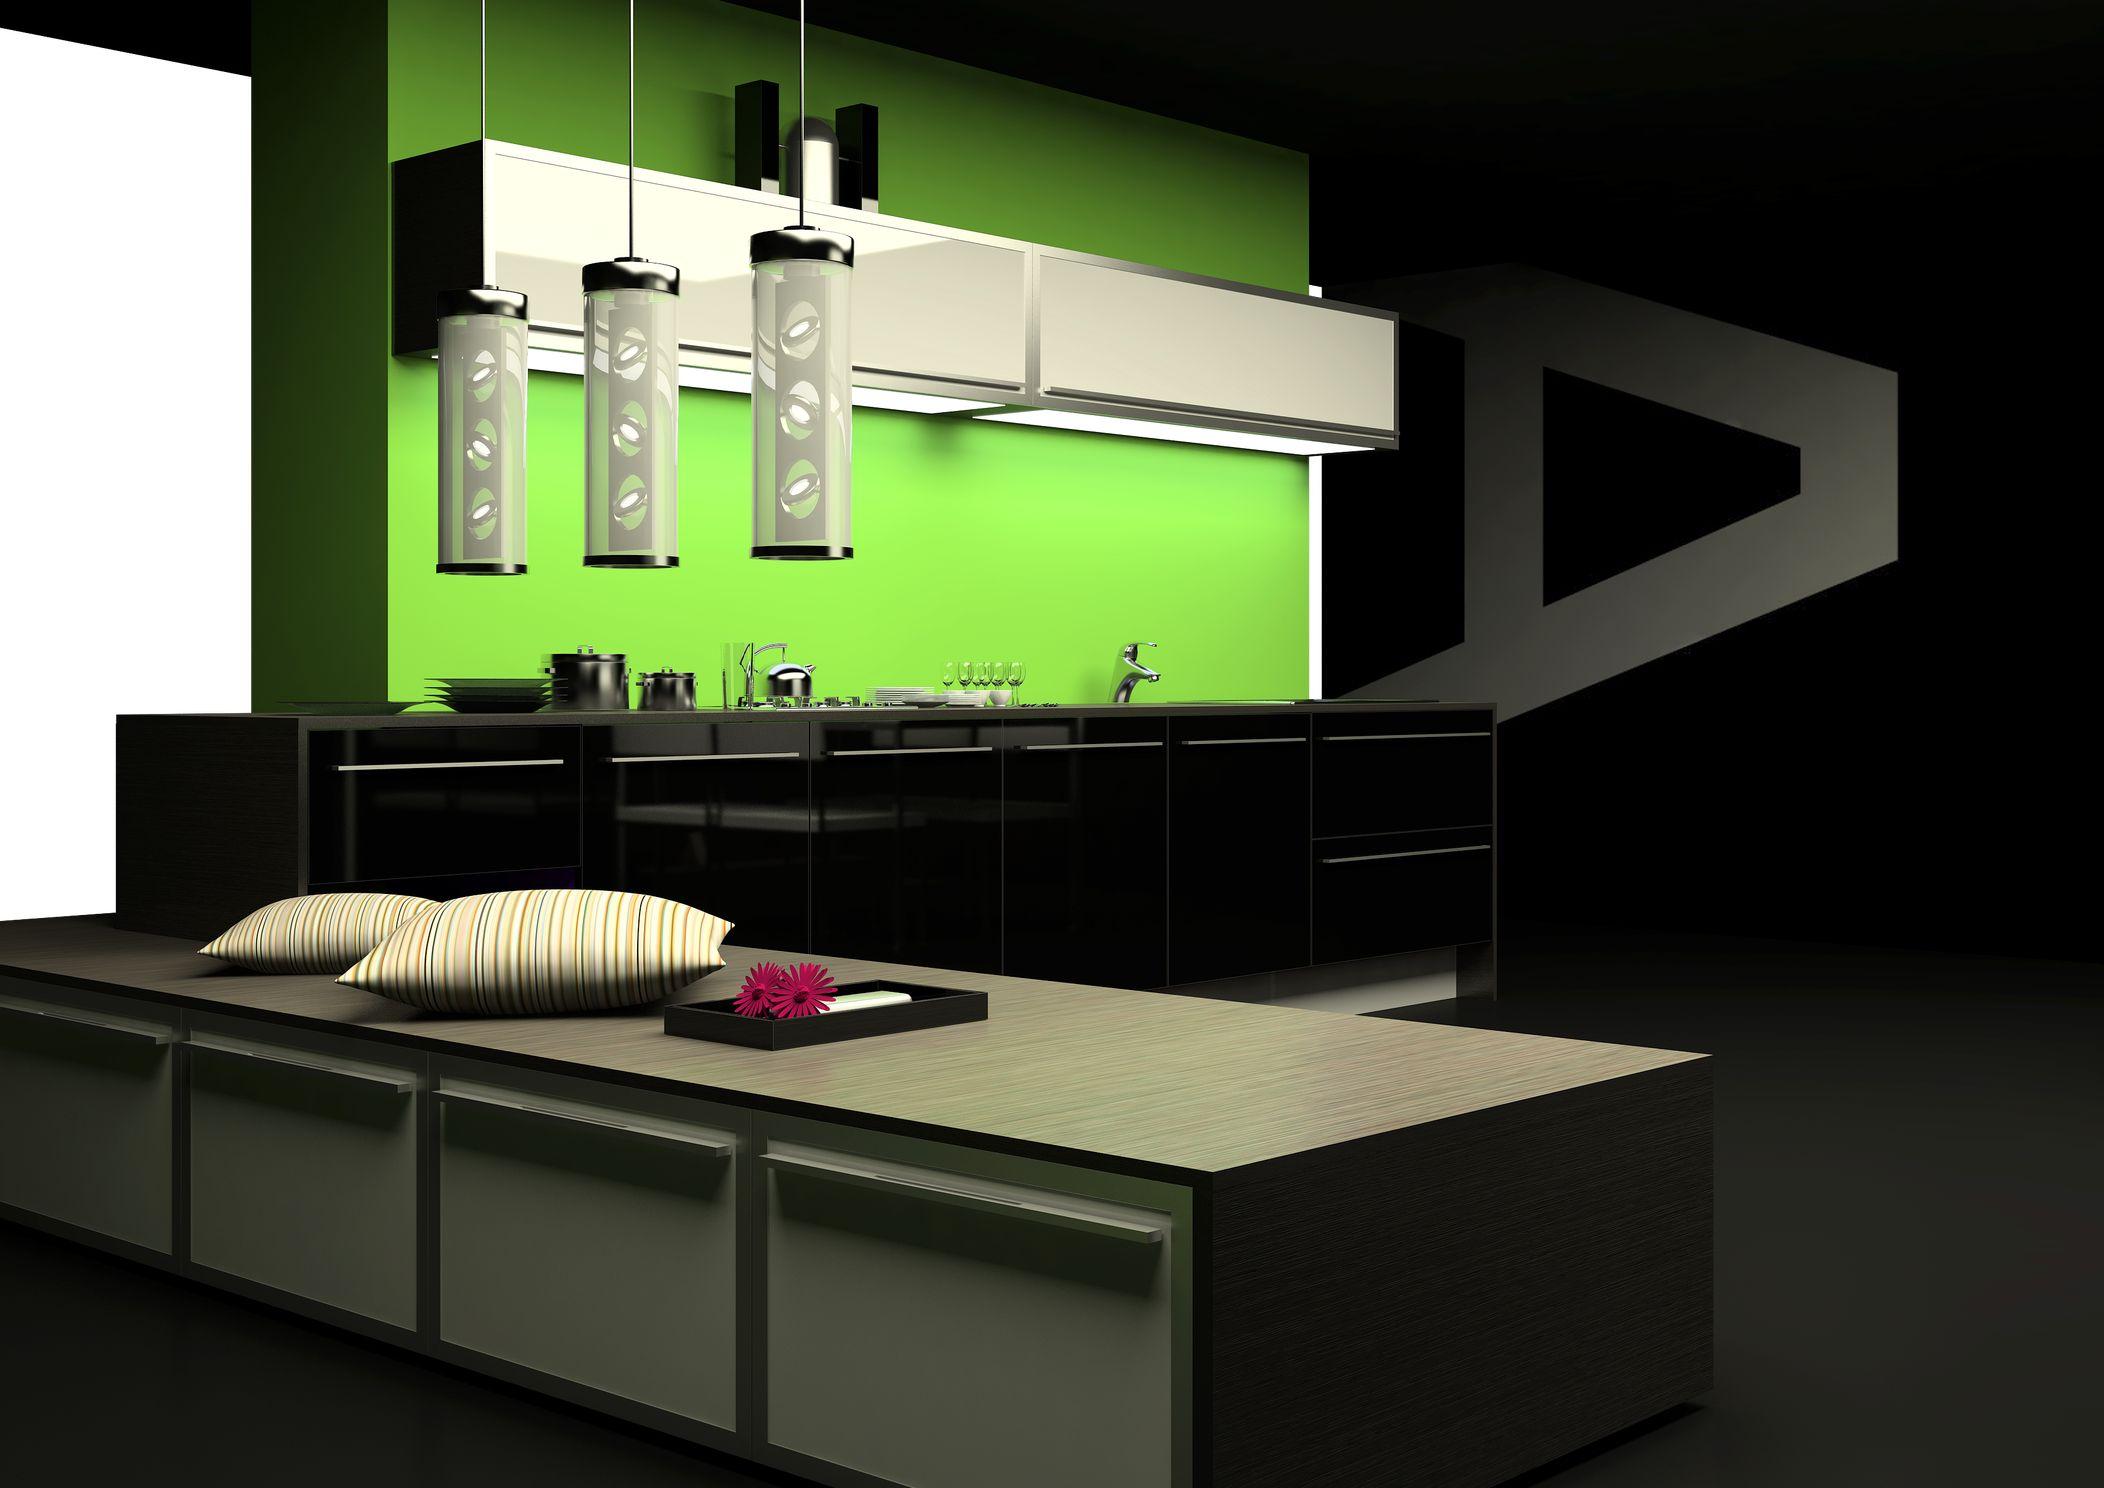 Facade-001 - студия декора и мебели сергея ленкова lenkovser.